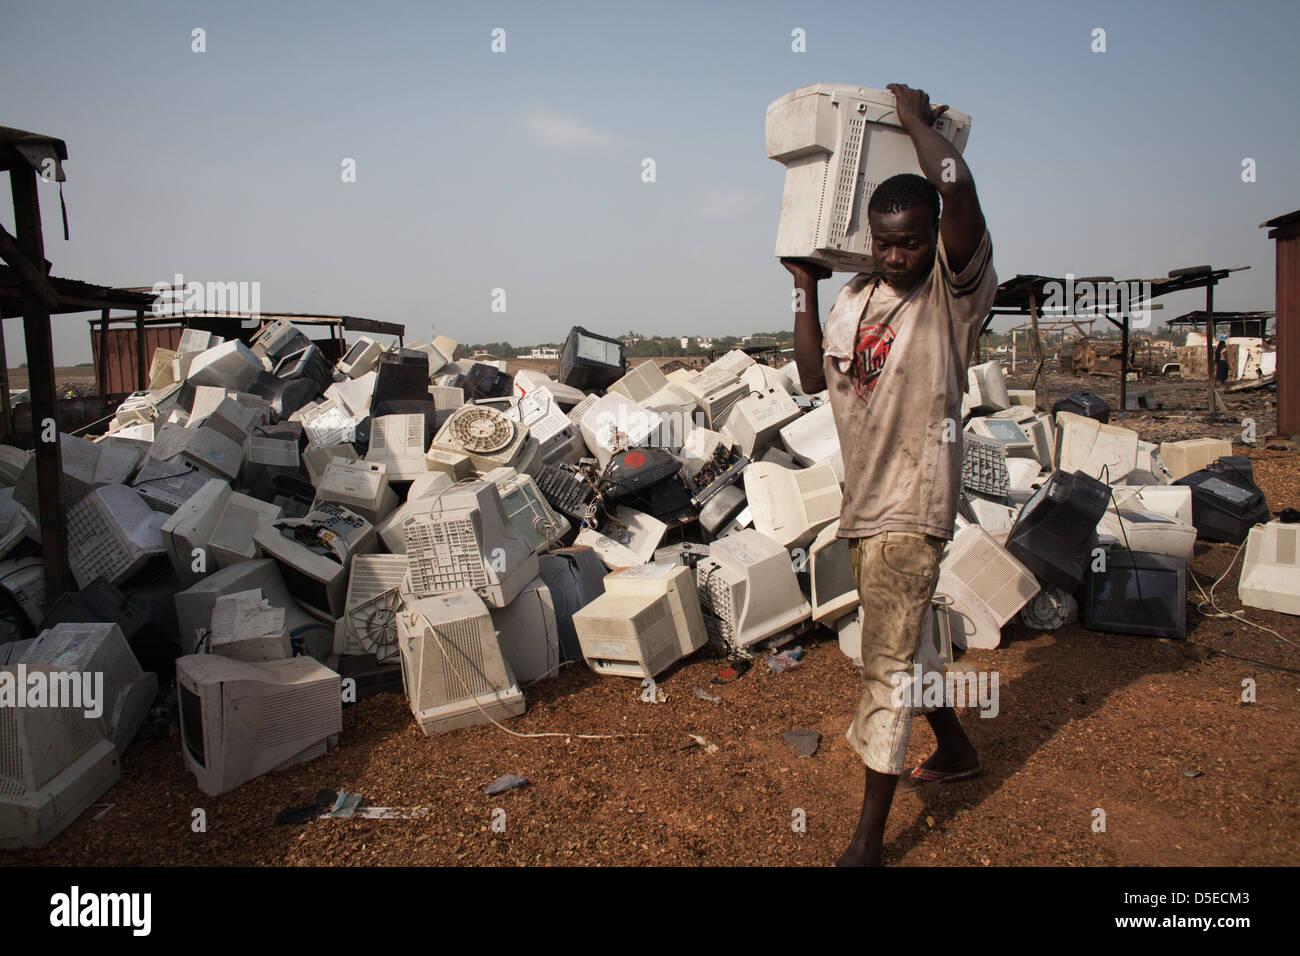 Los residuos electrónicos de volcado de Agbogbloshie, en Accra, Ghana. Imagen De Stock